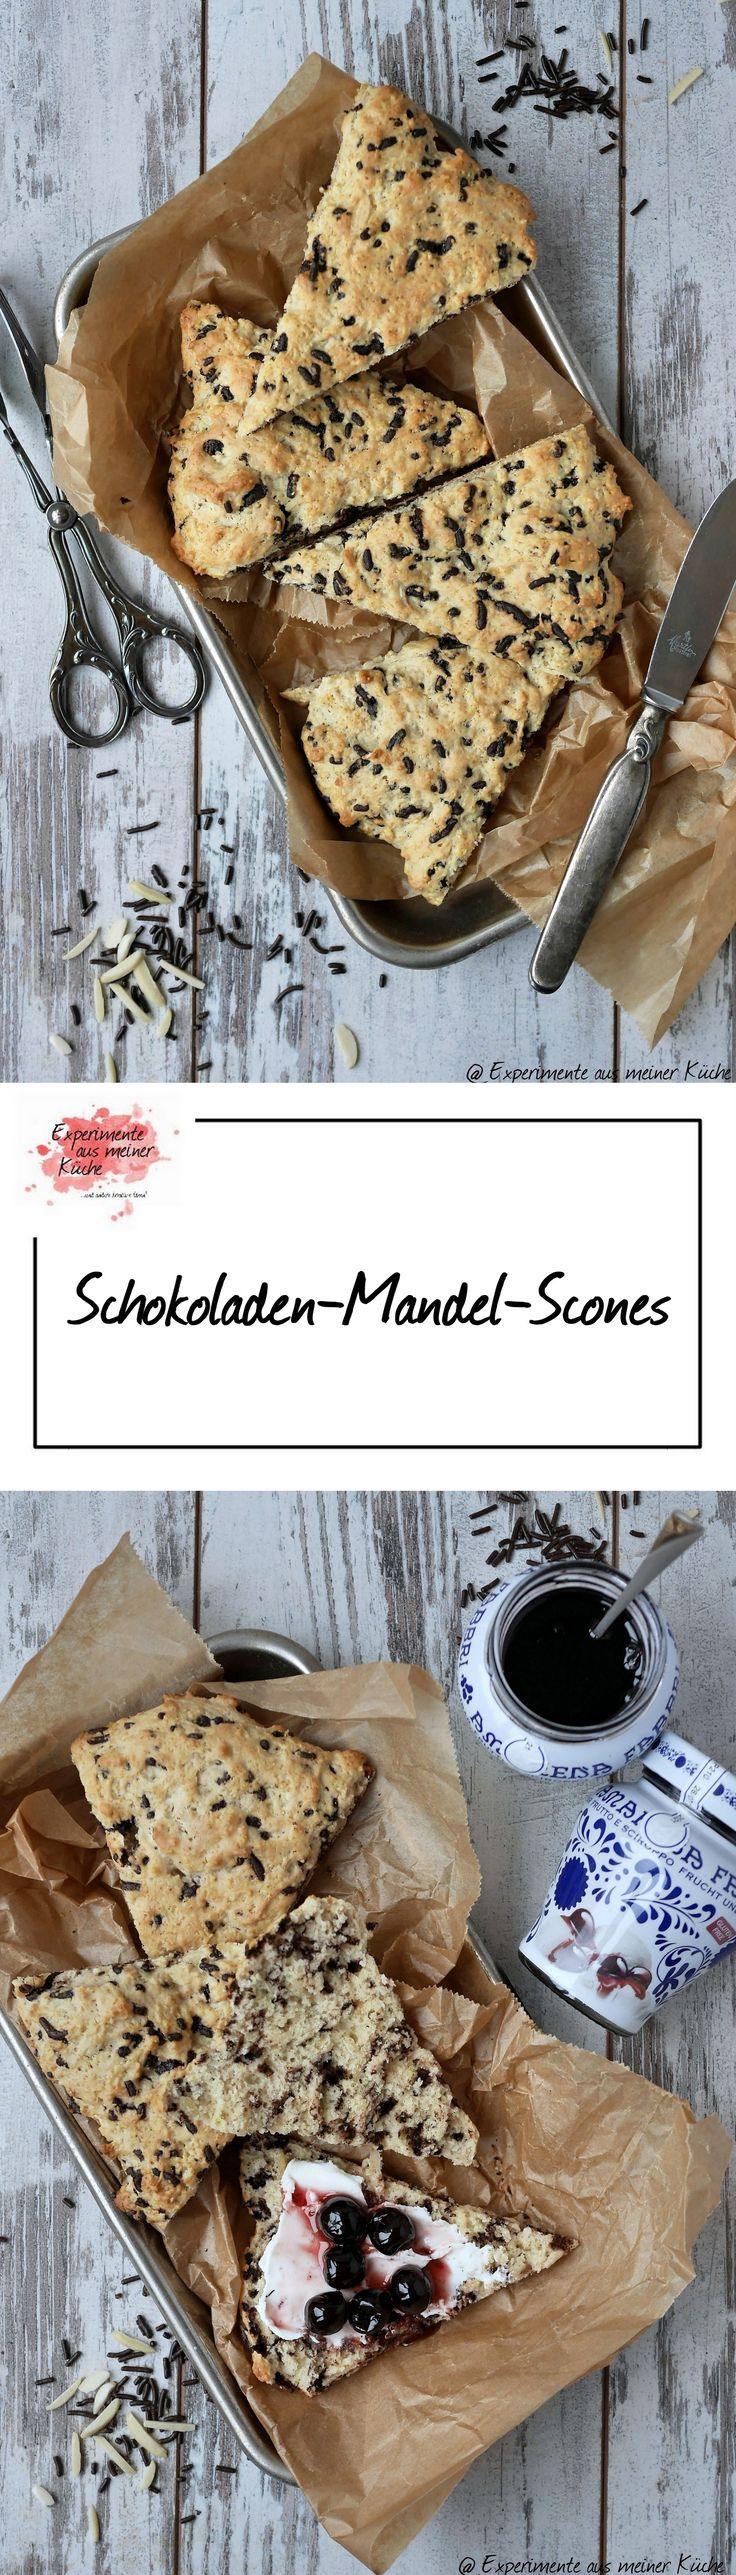 Experimente aus meiner Küche: Schokoladen-Mandel-Scones